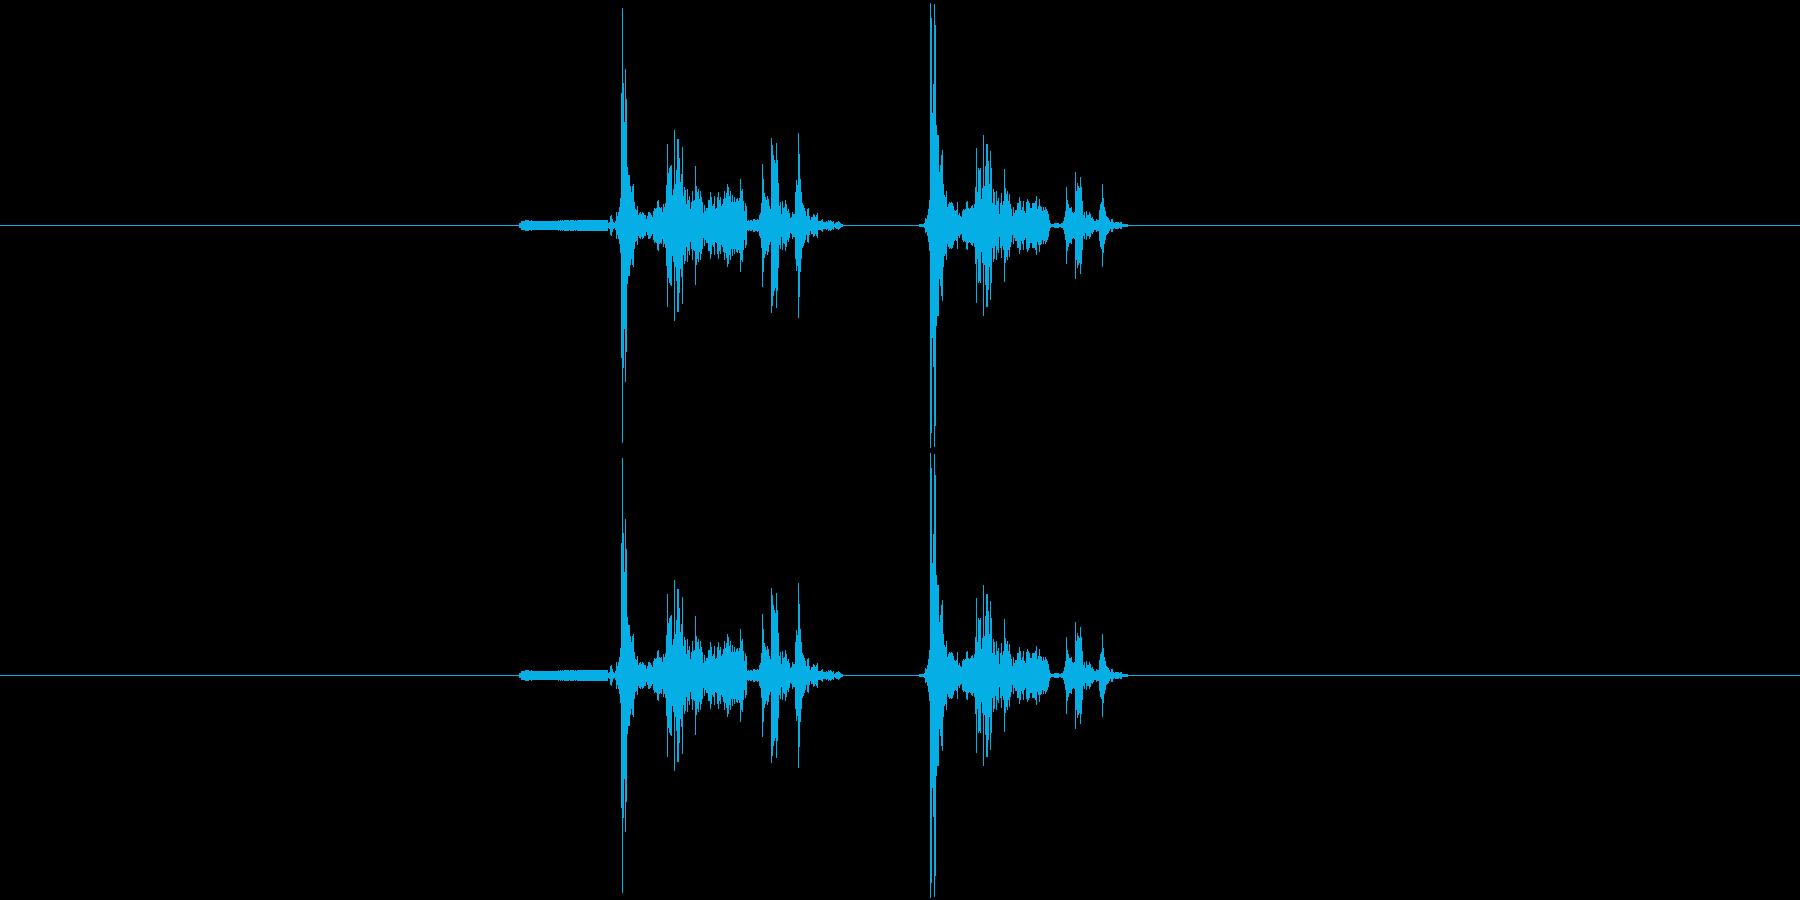 デジカメ風シャッター音_03の再生済みの波形